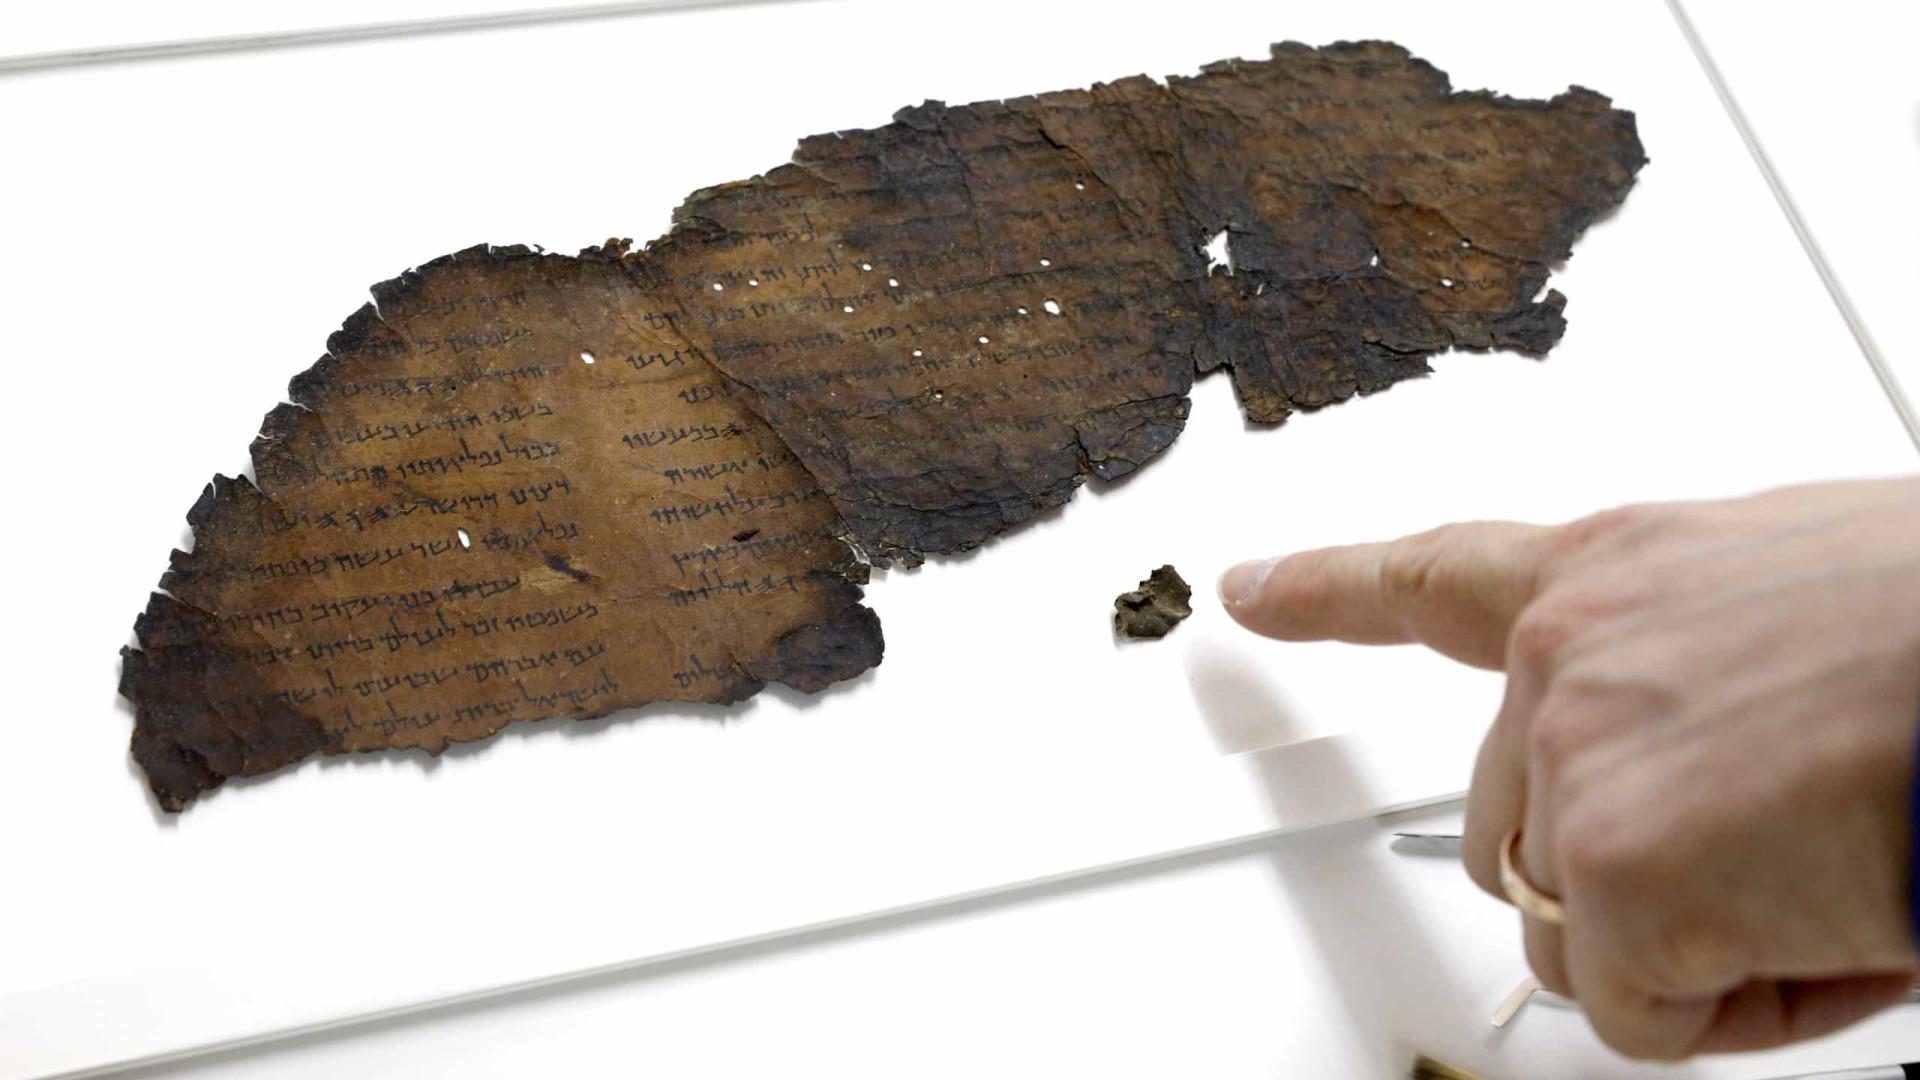 Manuscritos do Mar Morto foram feitos por escribas, mostra nova análise